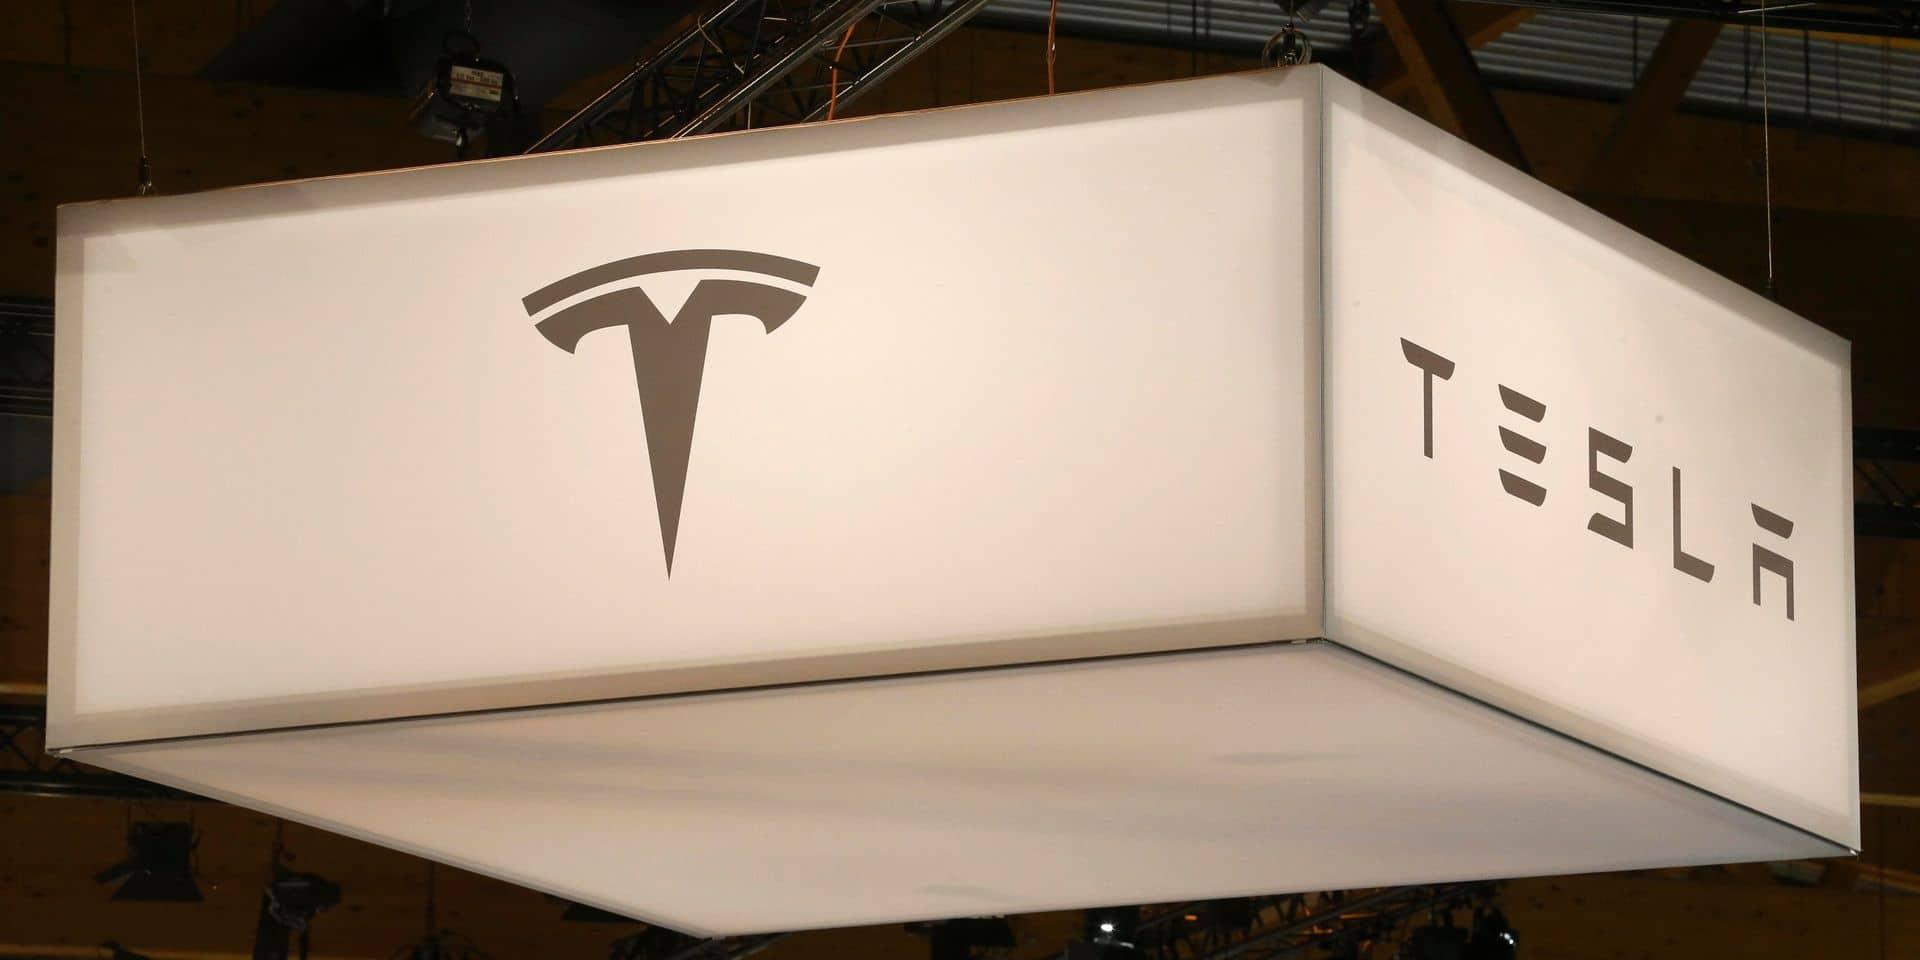 Une usine Tesla rouverte malgré l'interdiction des autorités: des centaines de contaminations au Covid répertoriées